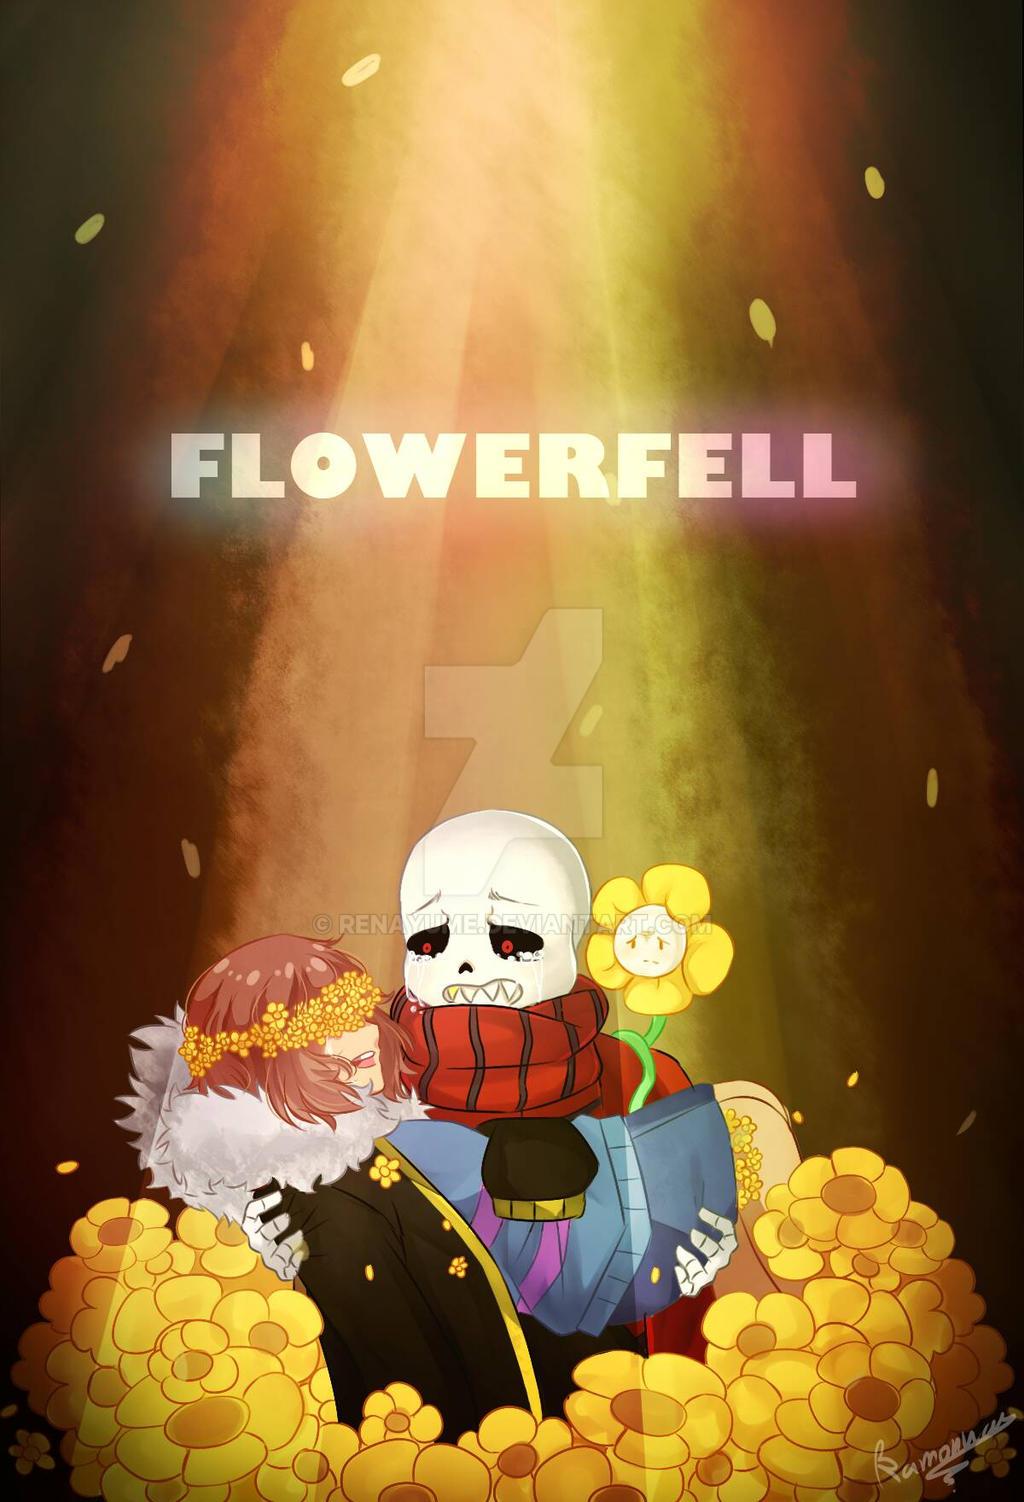 flowerfell by renayume watch fan art digital art drawings games 2016 ...: renayume.deviantart.com/art/Flowerfell-601550574